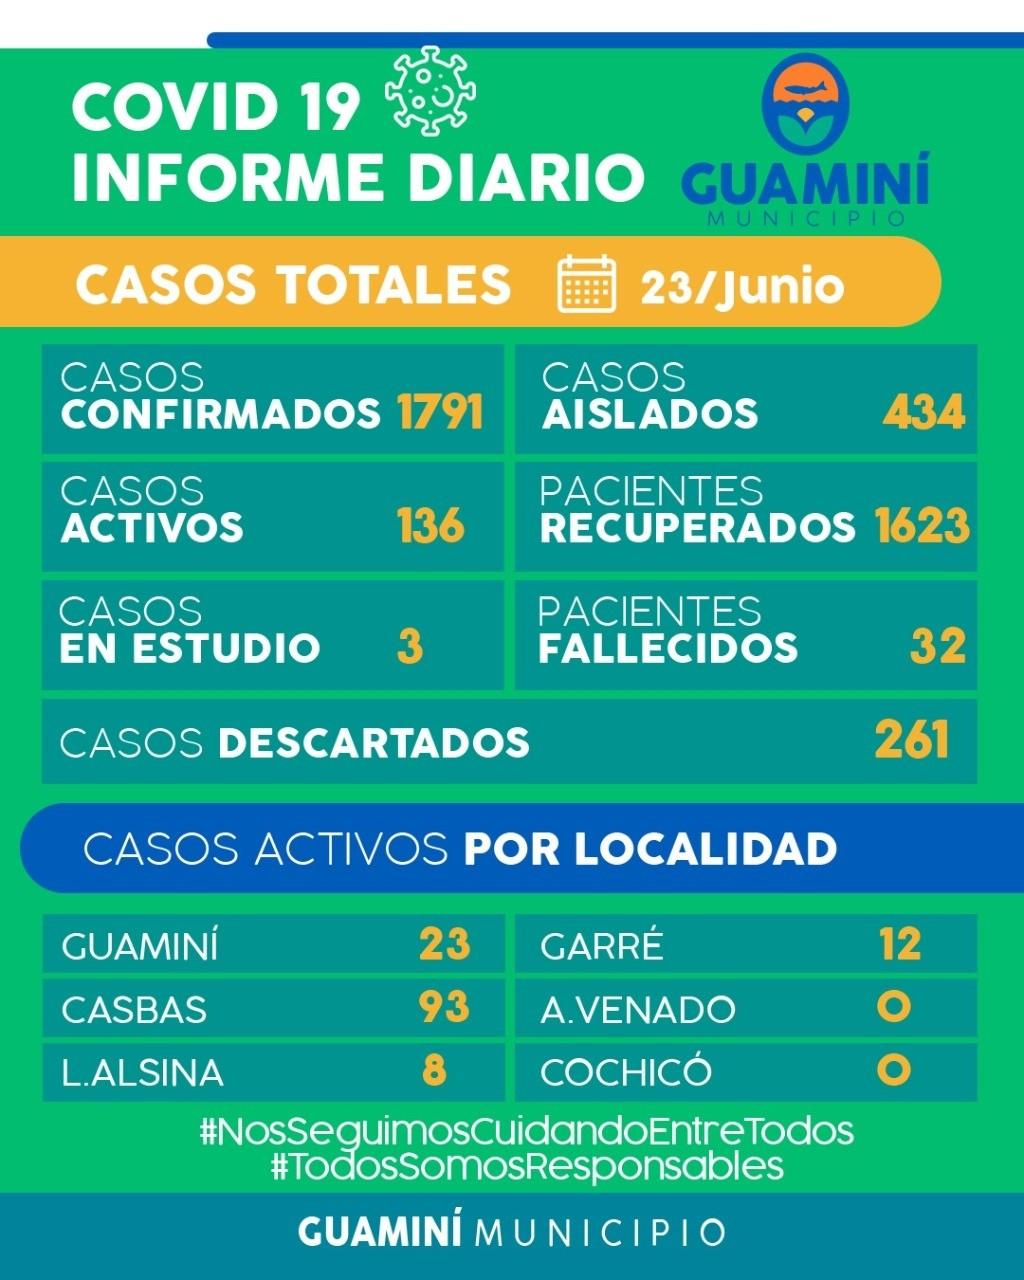 CORONAVIRUS: INFORME DIARIO DE SITUACIÓN A NIVEL NACIONAL Y LOCAL  - 23 DE JUNIO -